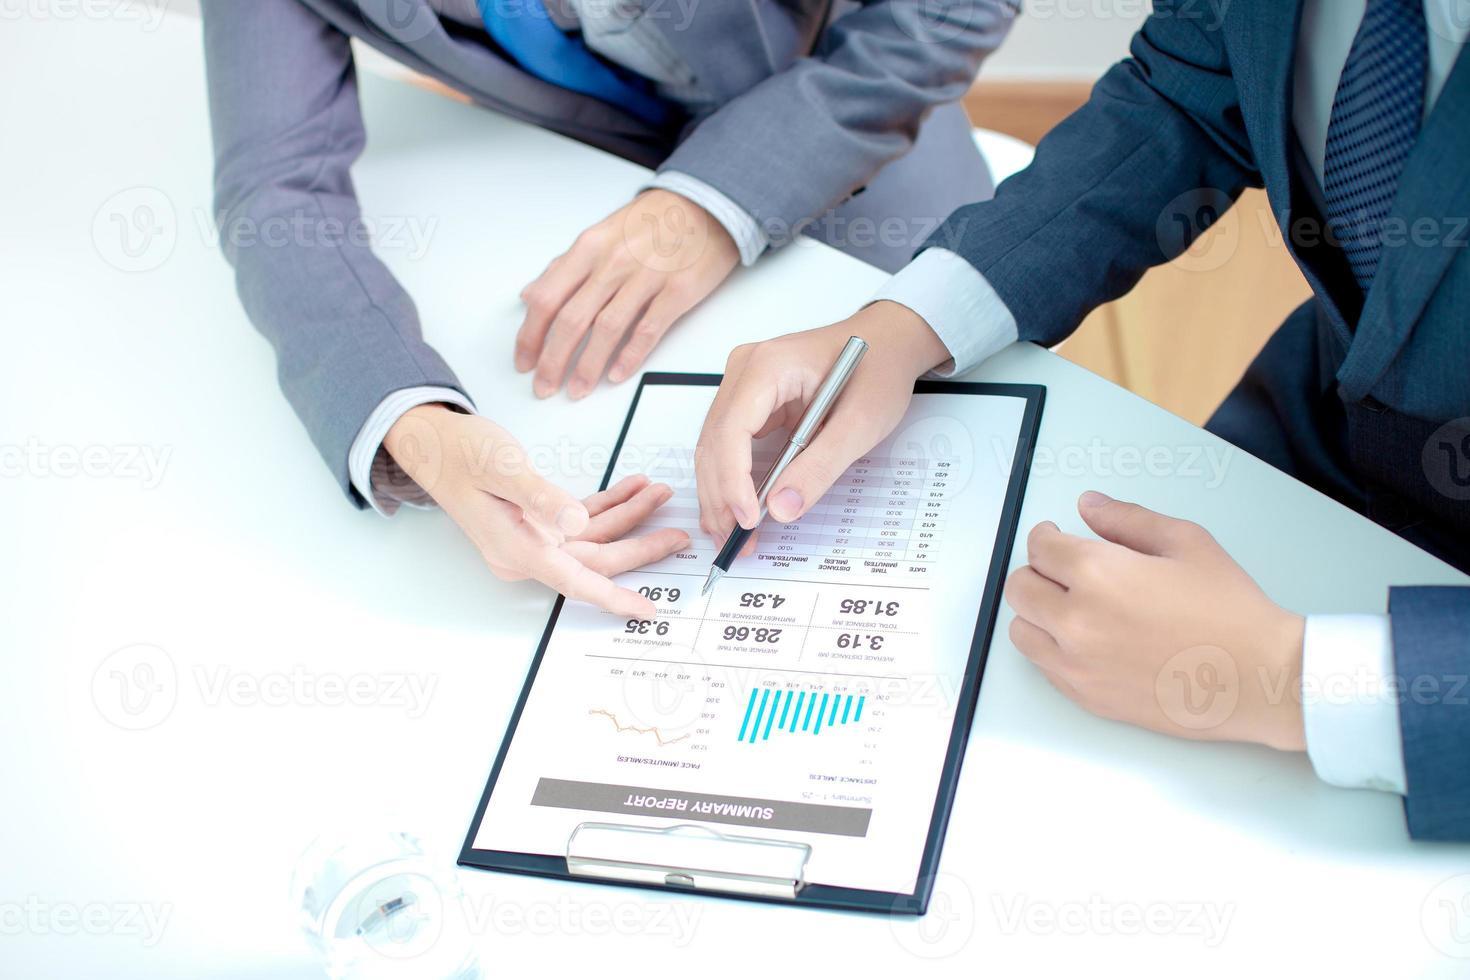 zwei Geschäftsleute, die sich einen Bericht ansehen und eine Diskussion führen foto